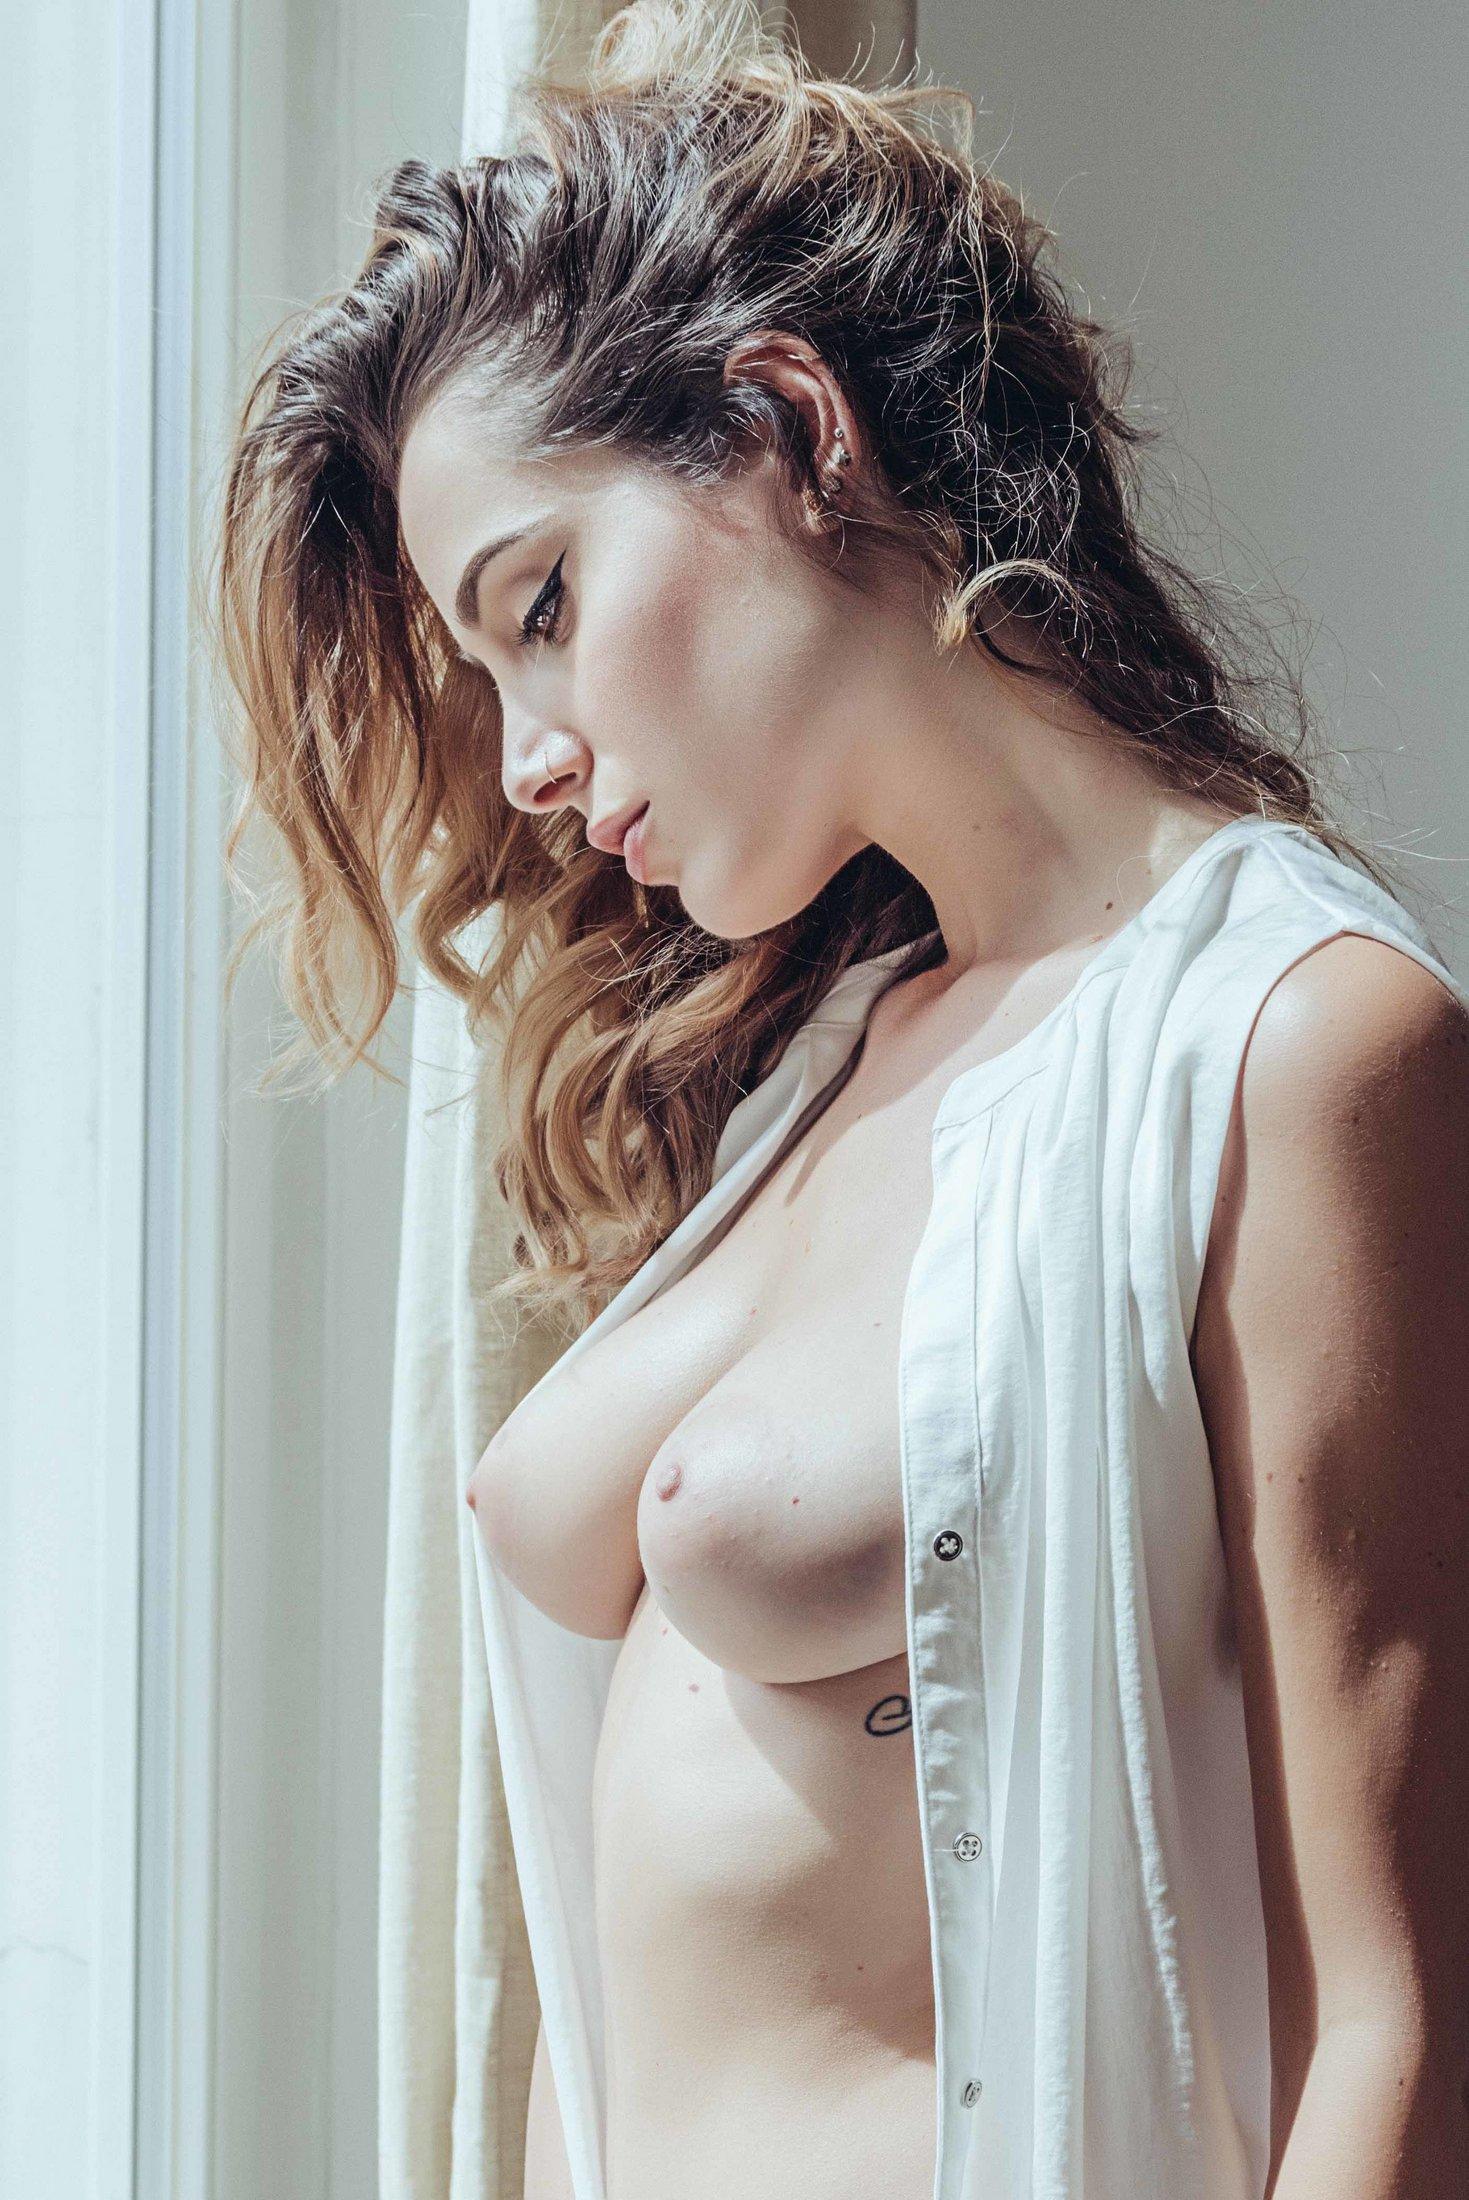 Sadie Gray - Alberto Maccari photoshoot